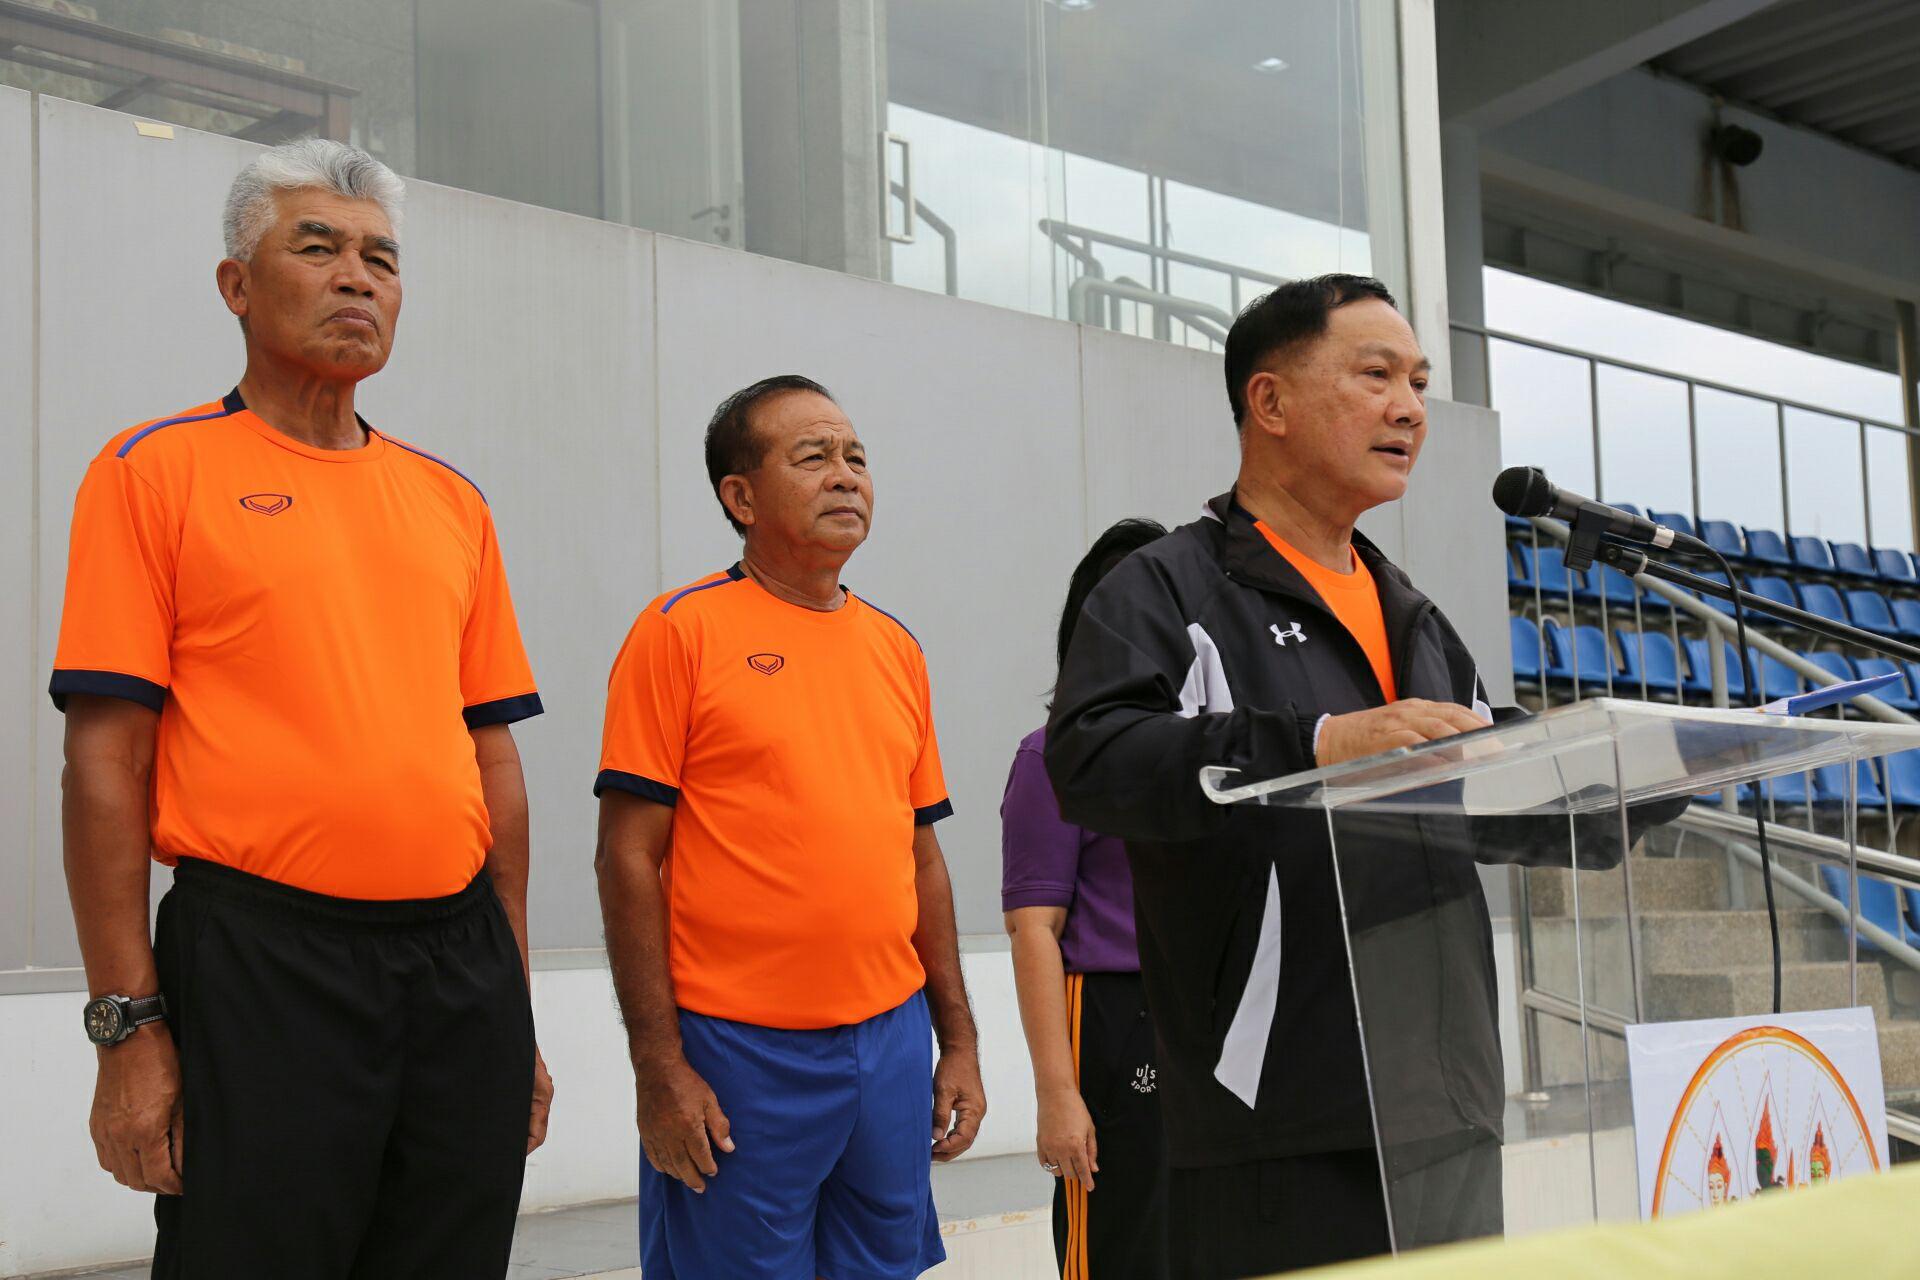 พลตำรวจเอก อดุลย์ แสงสิงเเก้ว รัฐมนตรีว่าการกระทรวงแรงงาน เป็นประธานในพิธีเปิดการแข่งขันกีฬาสัมพันธ์กระทรวงแรงงาน ครั้งที่ 2/2561